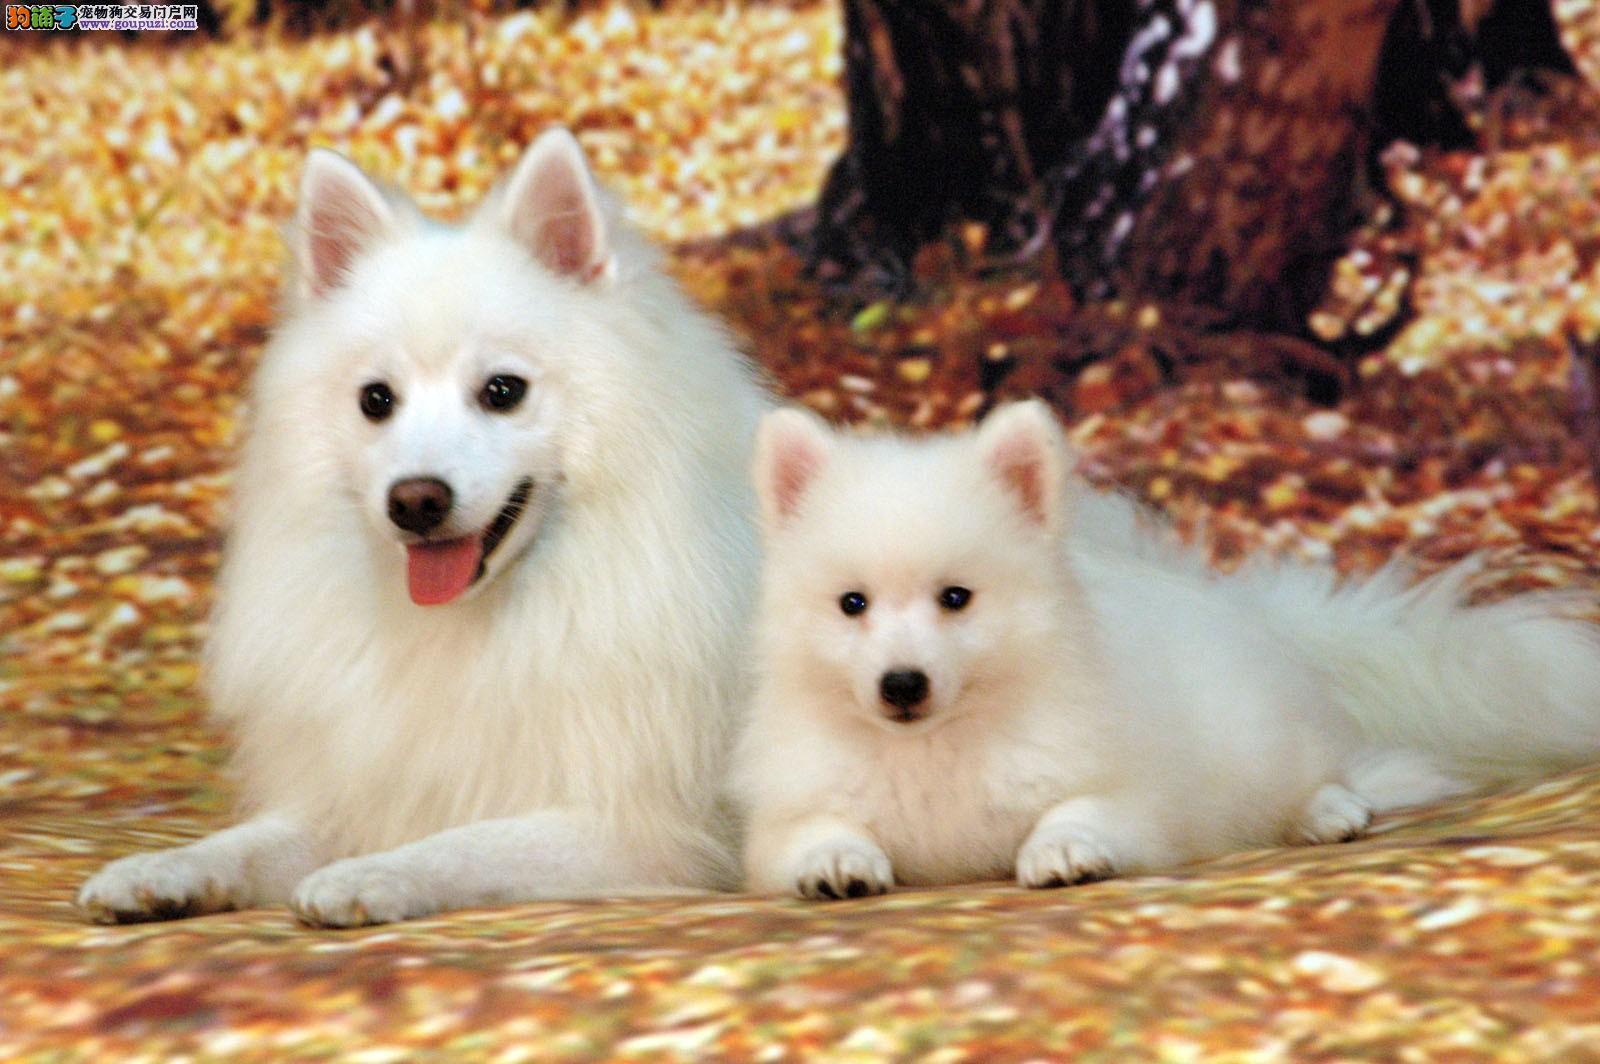 银狐犬的选购有哪些值得学习与借鉴的地方